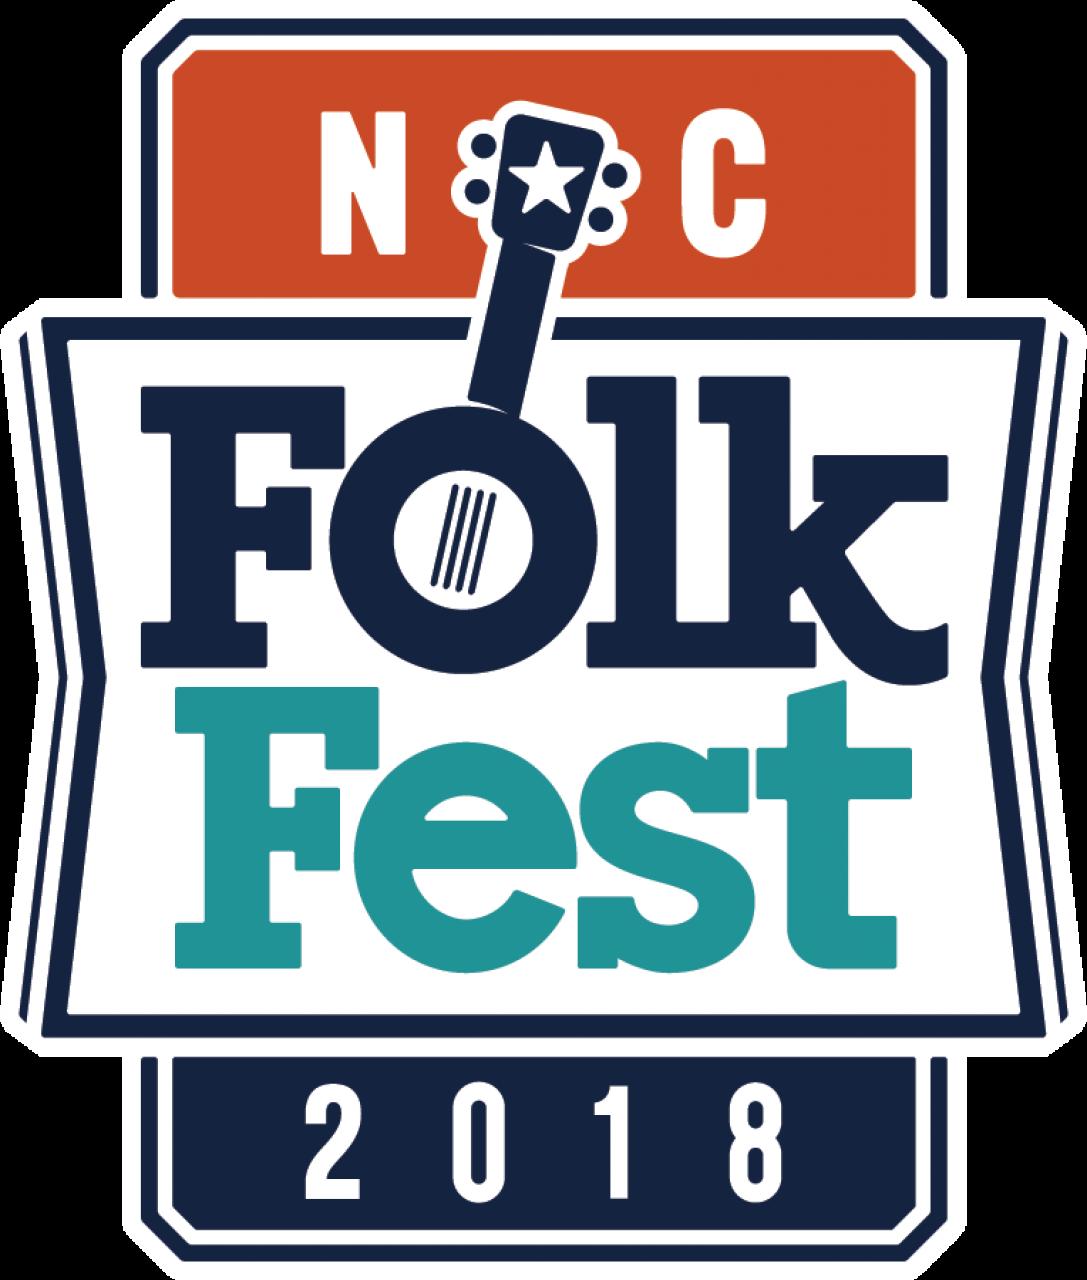 NC Folk Fest 2018